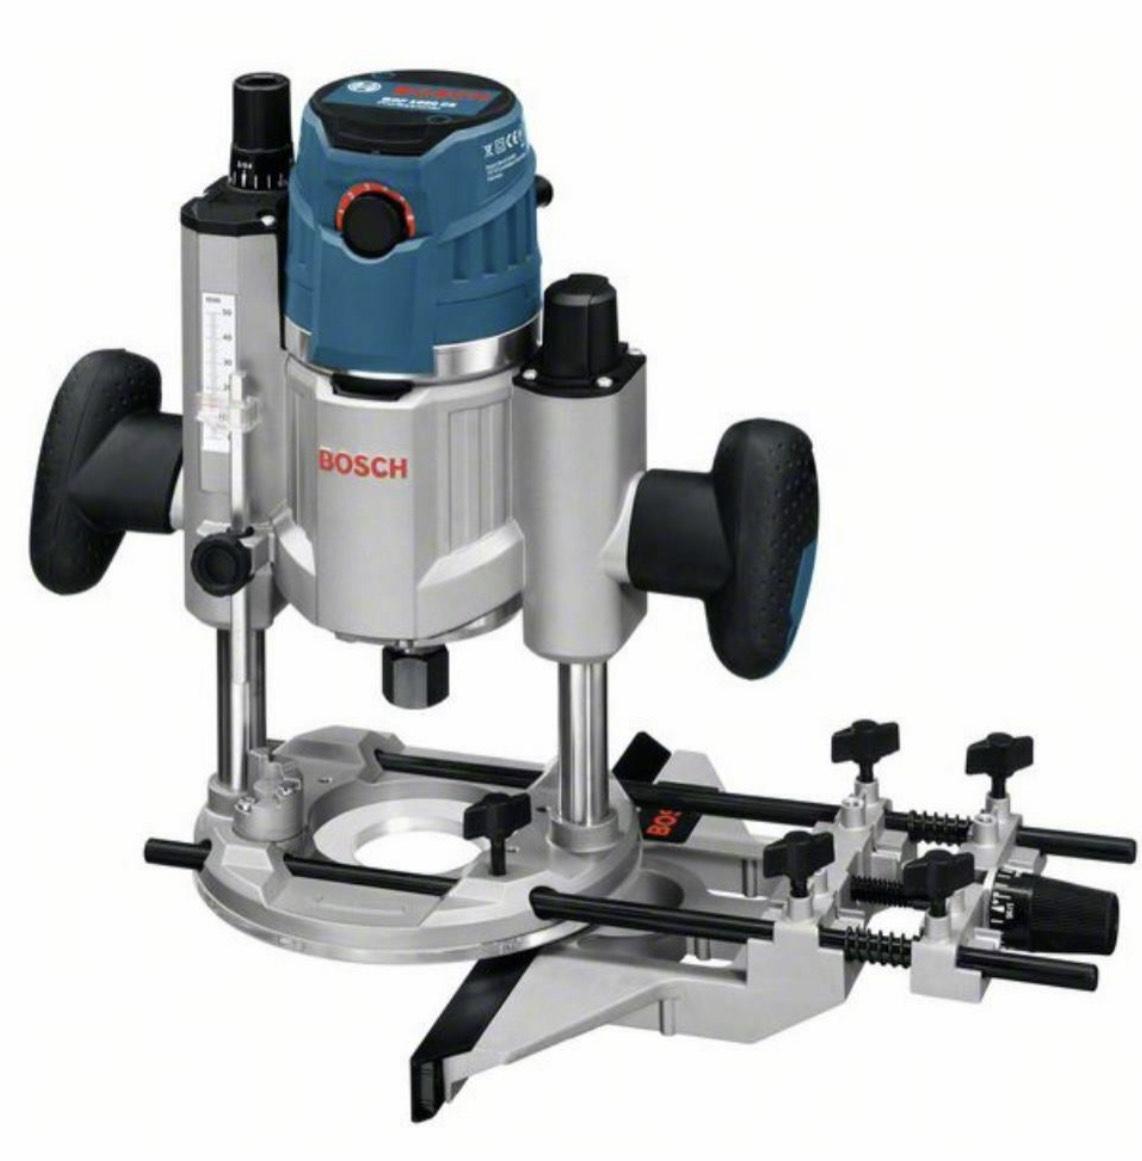 Oberfräse Bosch Professional GOF 1600 CE inkl. L-Boxx